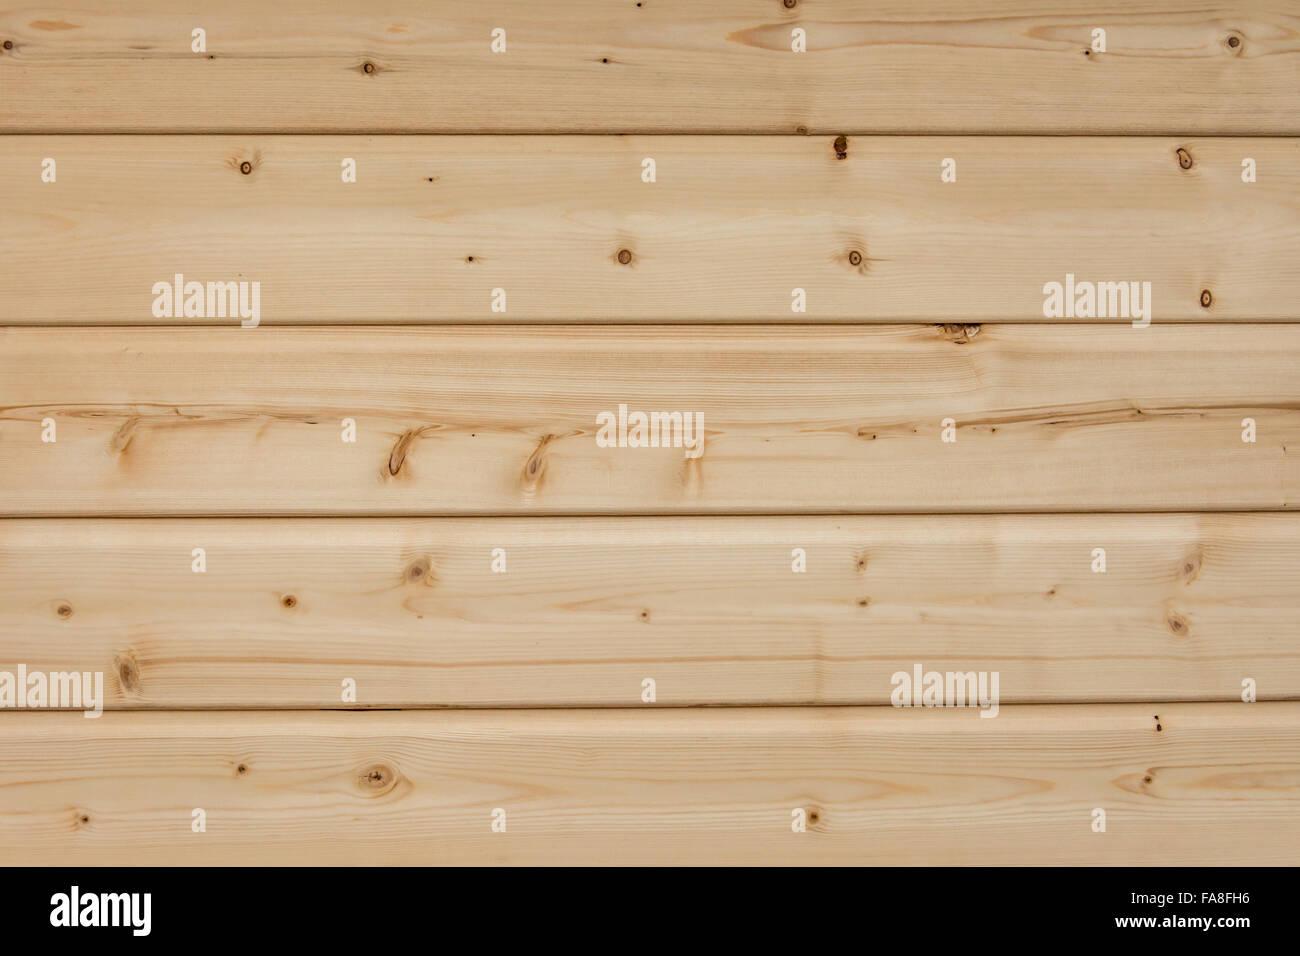 La Texture Le Contexte Le Motif Ou Le Papier Peint De Planches De